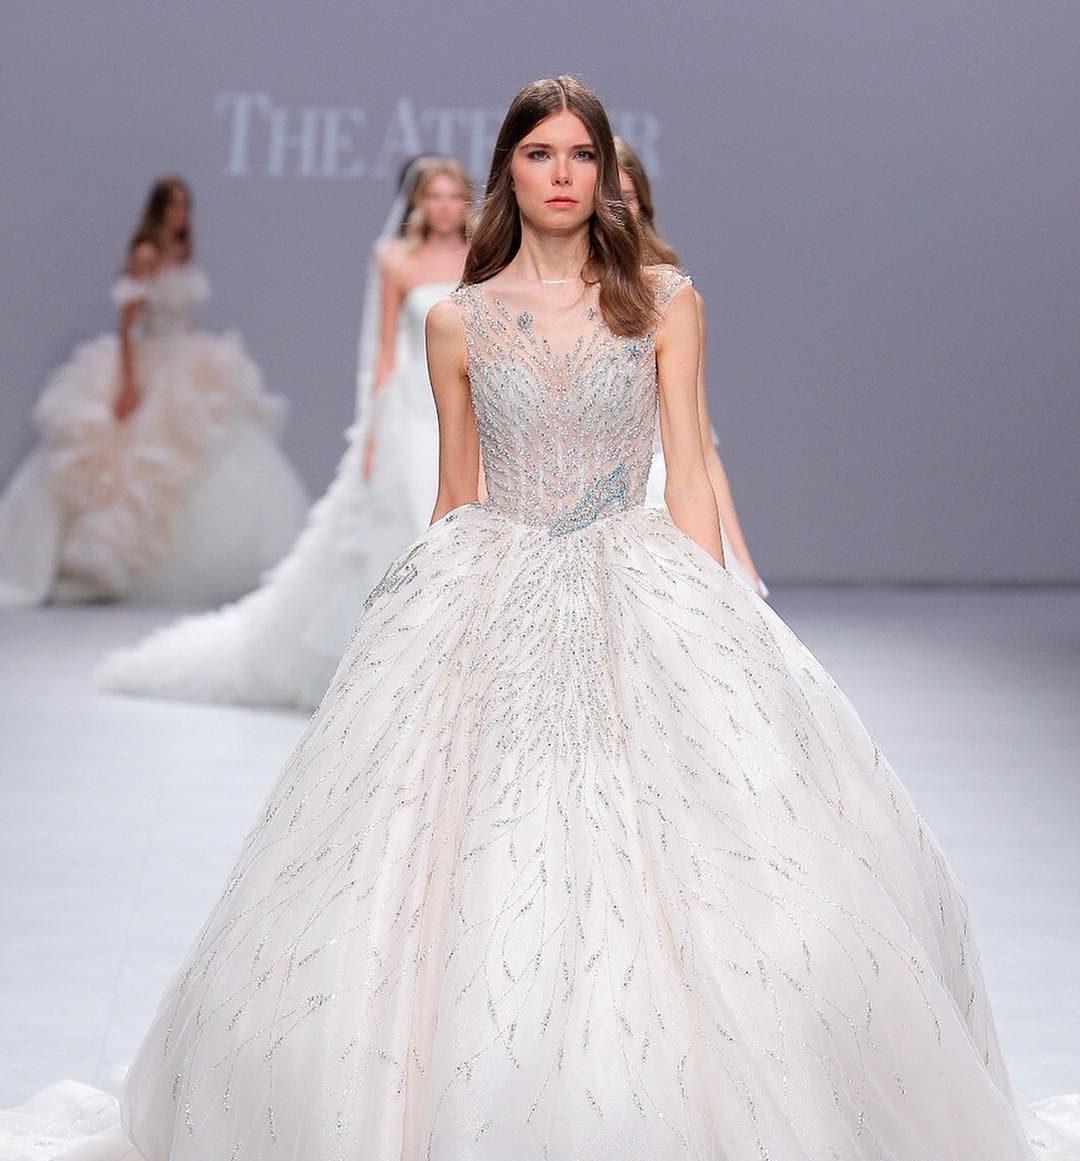 La Valmont Barcelona Bridal Fashion Week è iniziata e noi siamo connesse!